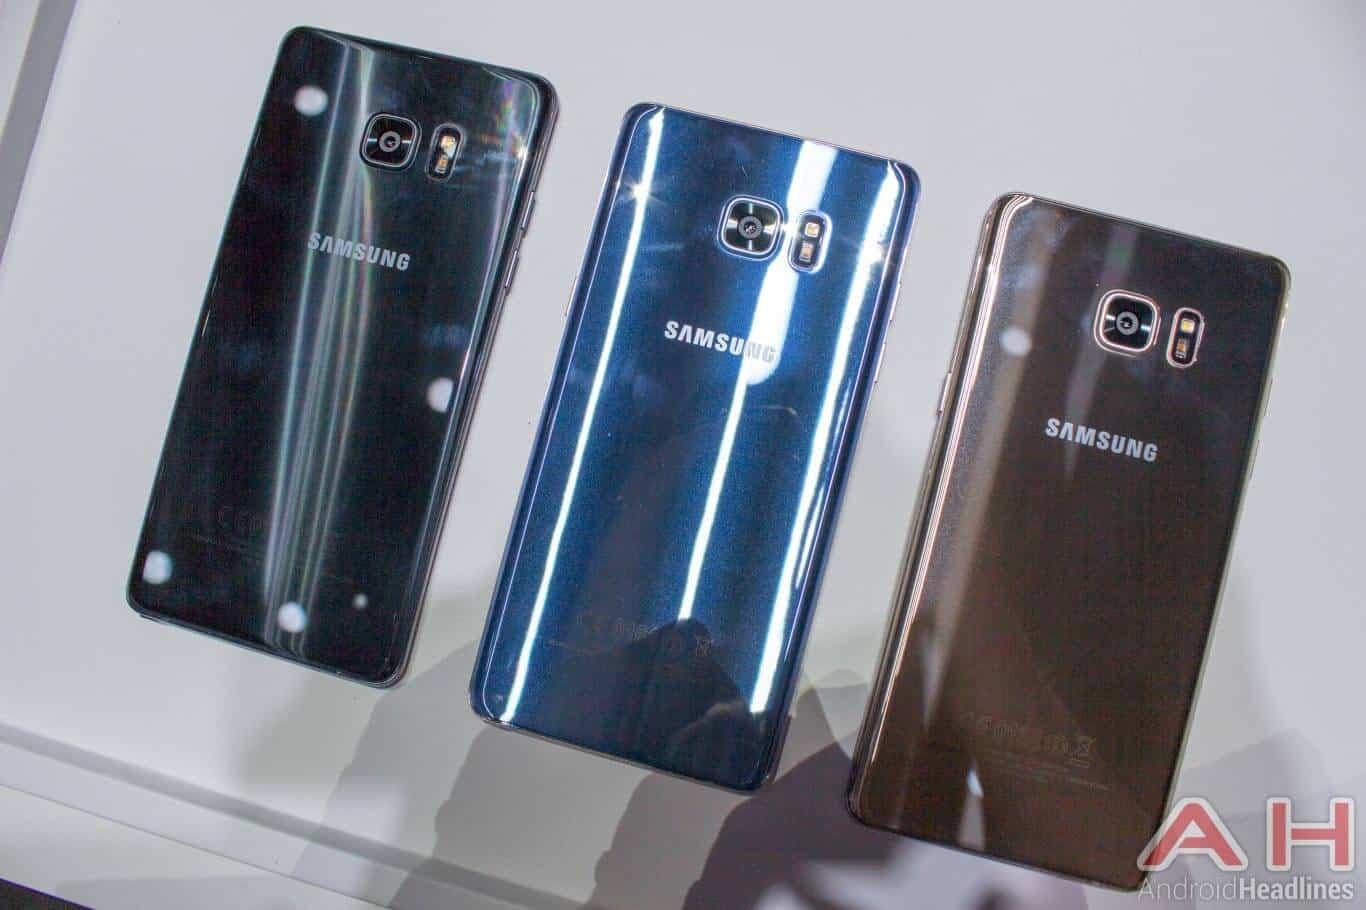 Galaxy Note 7 Proper NS AH 2 1